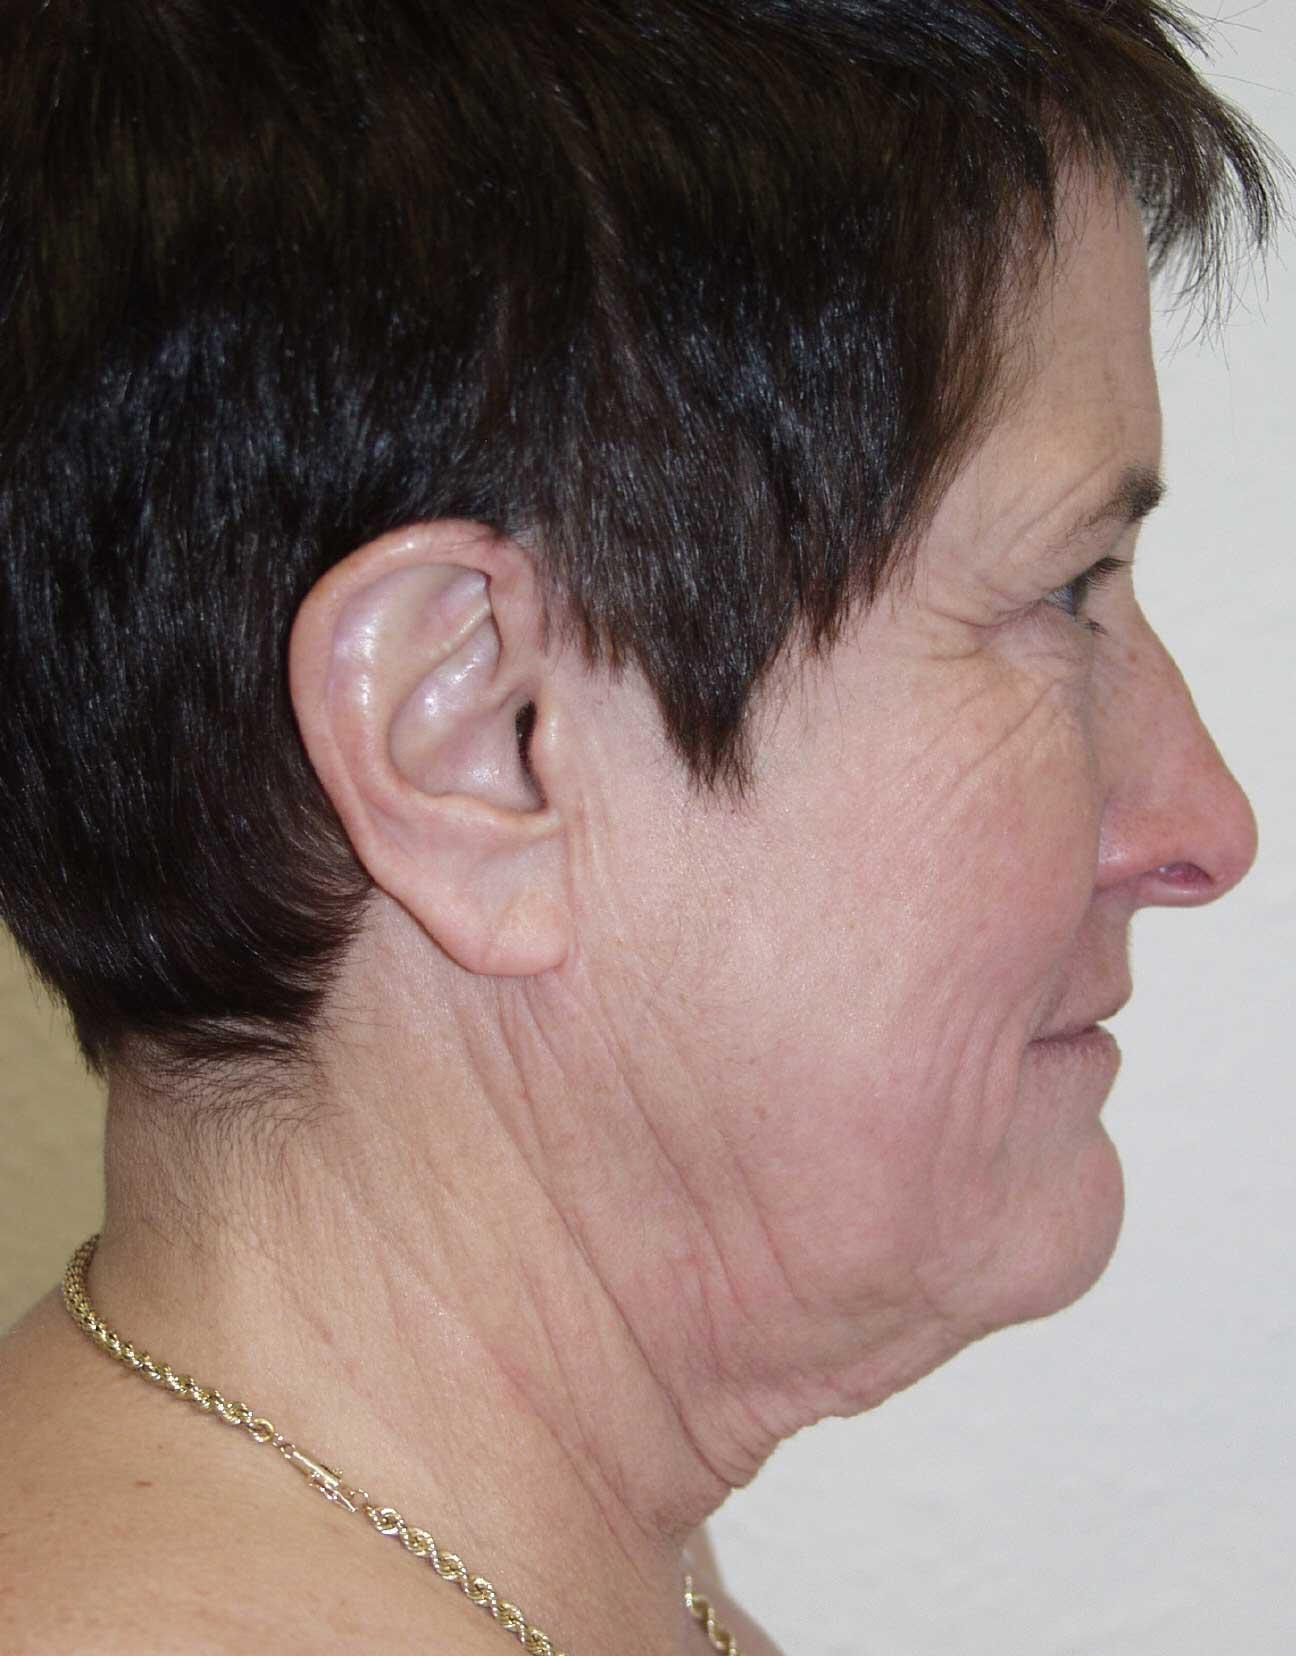 cortez facial plastic surgery facelift3a profile before